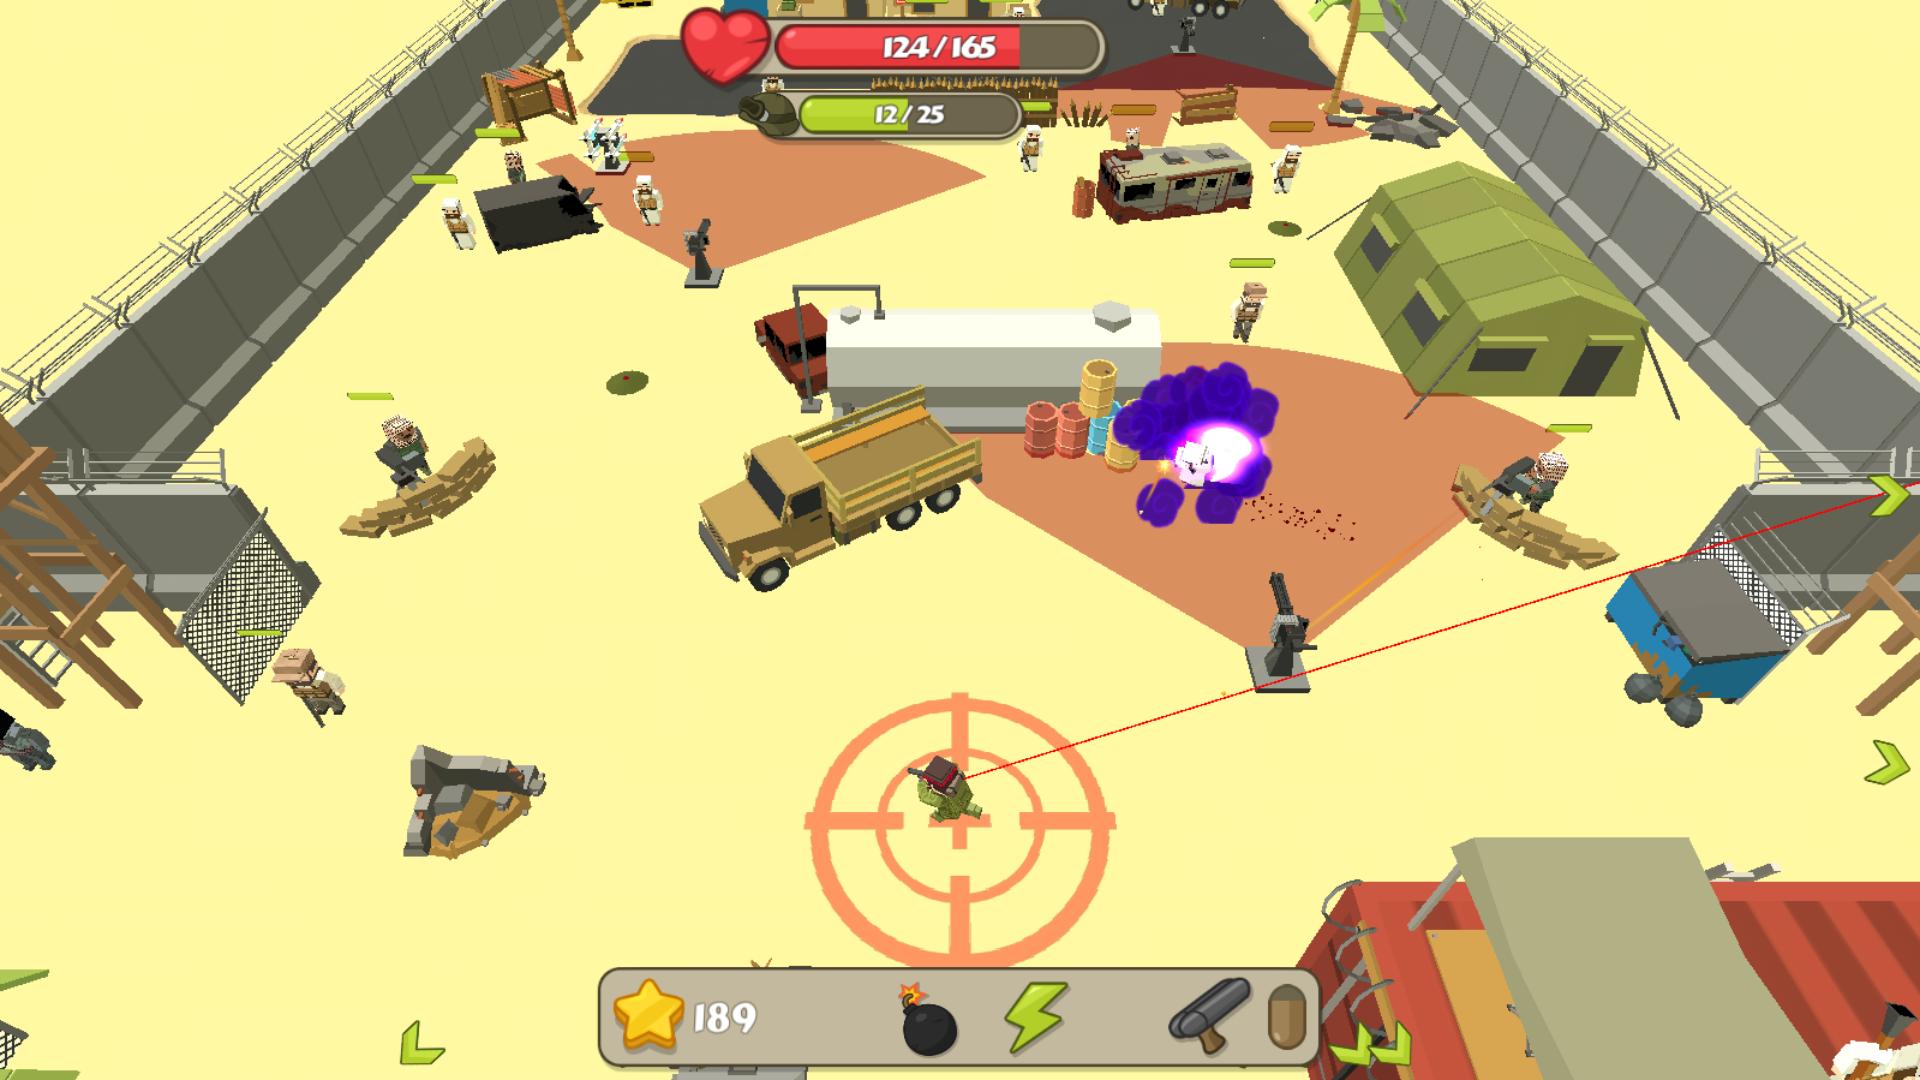 Backstorm Attack - Endless RPG War Runner screenshot 12